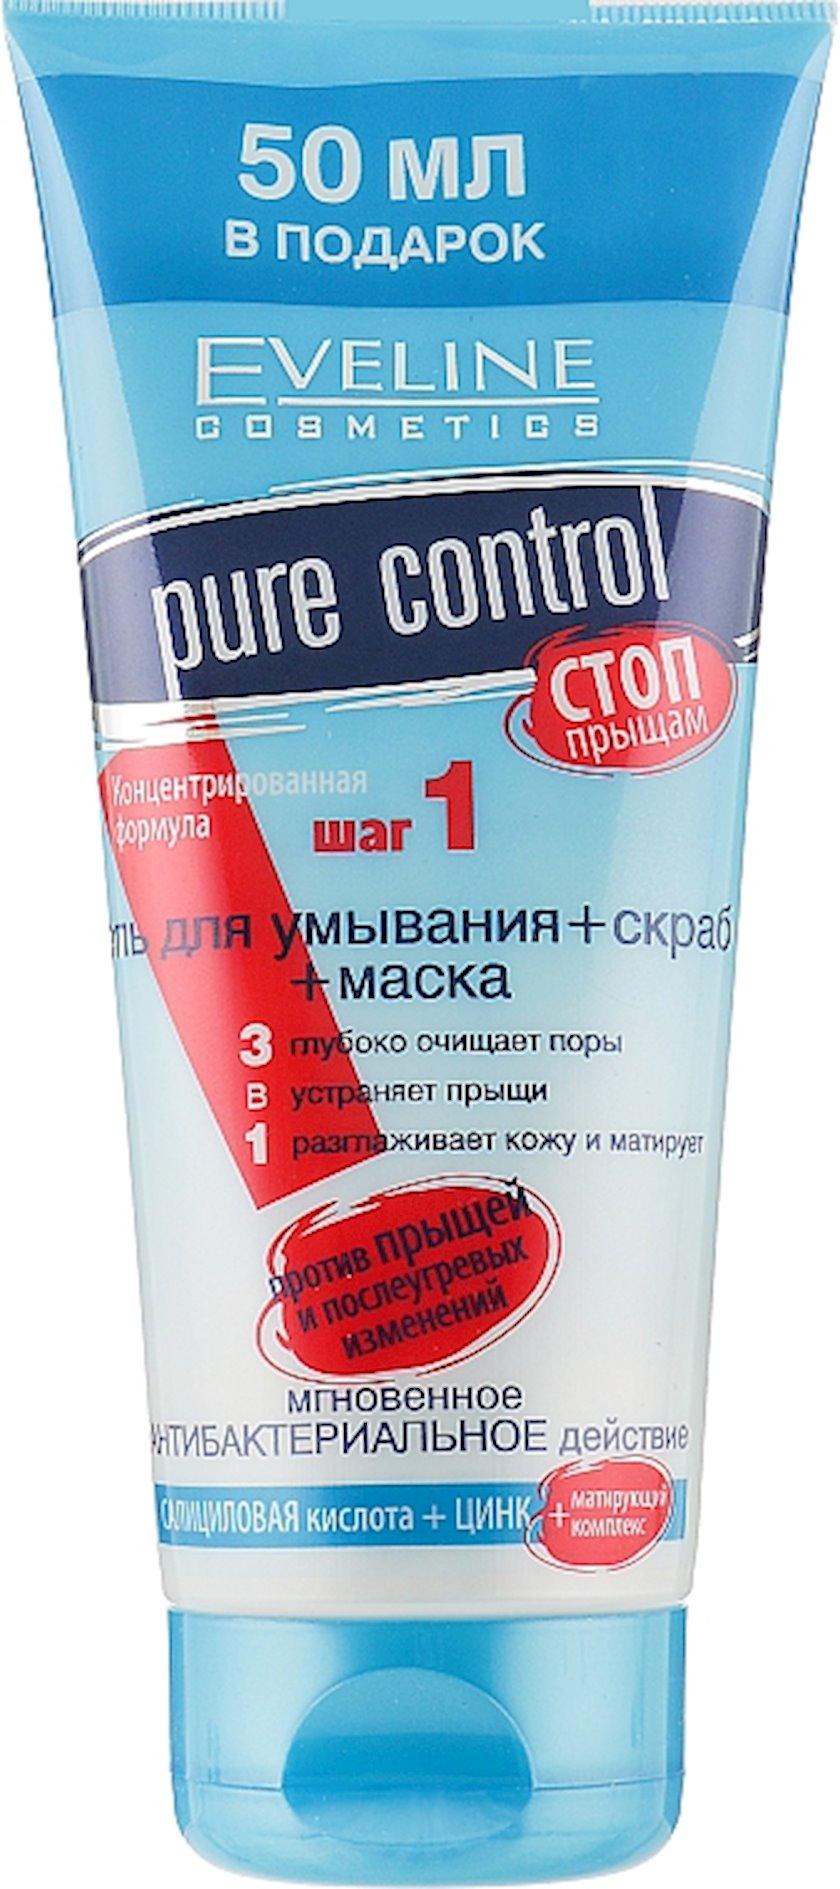 3-ü 1-də vasitə Eveline Pure Control Gel+Skrab+Maska 200 ml